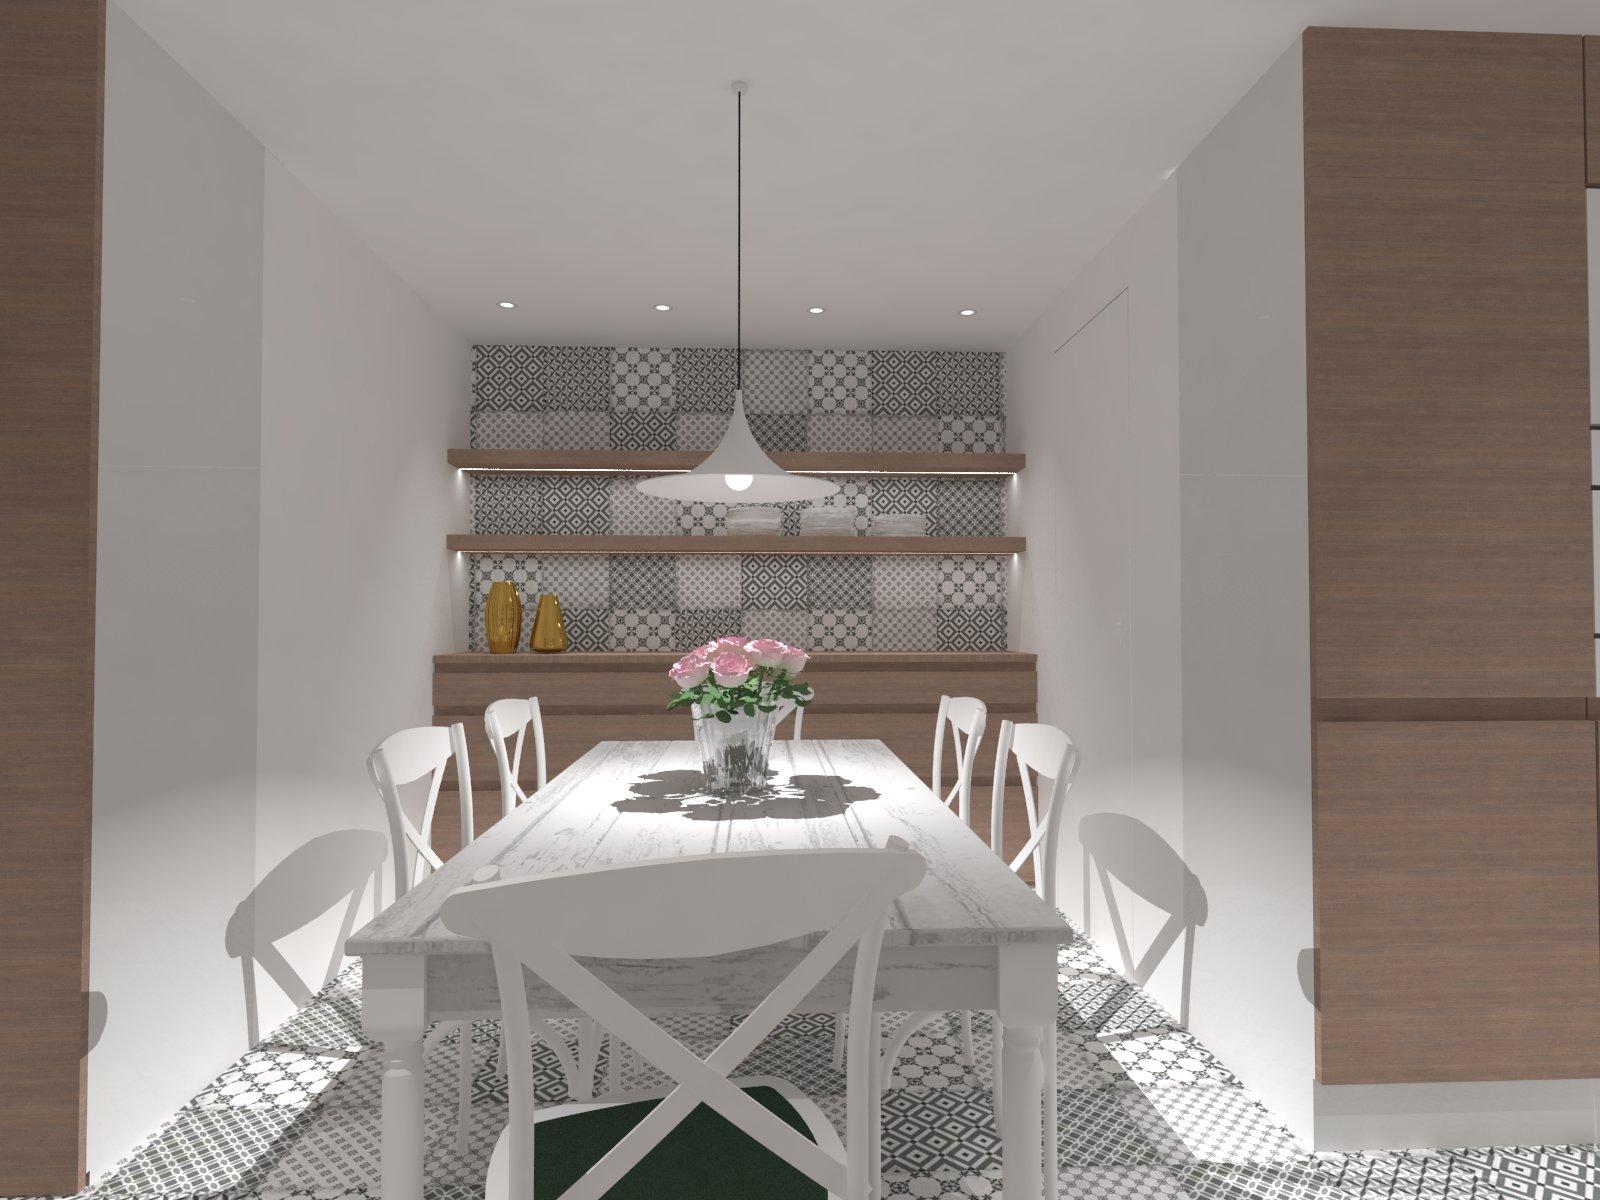 Reforma de cocina en vivienda / Elche